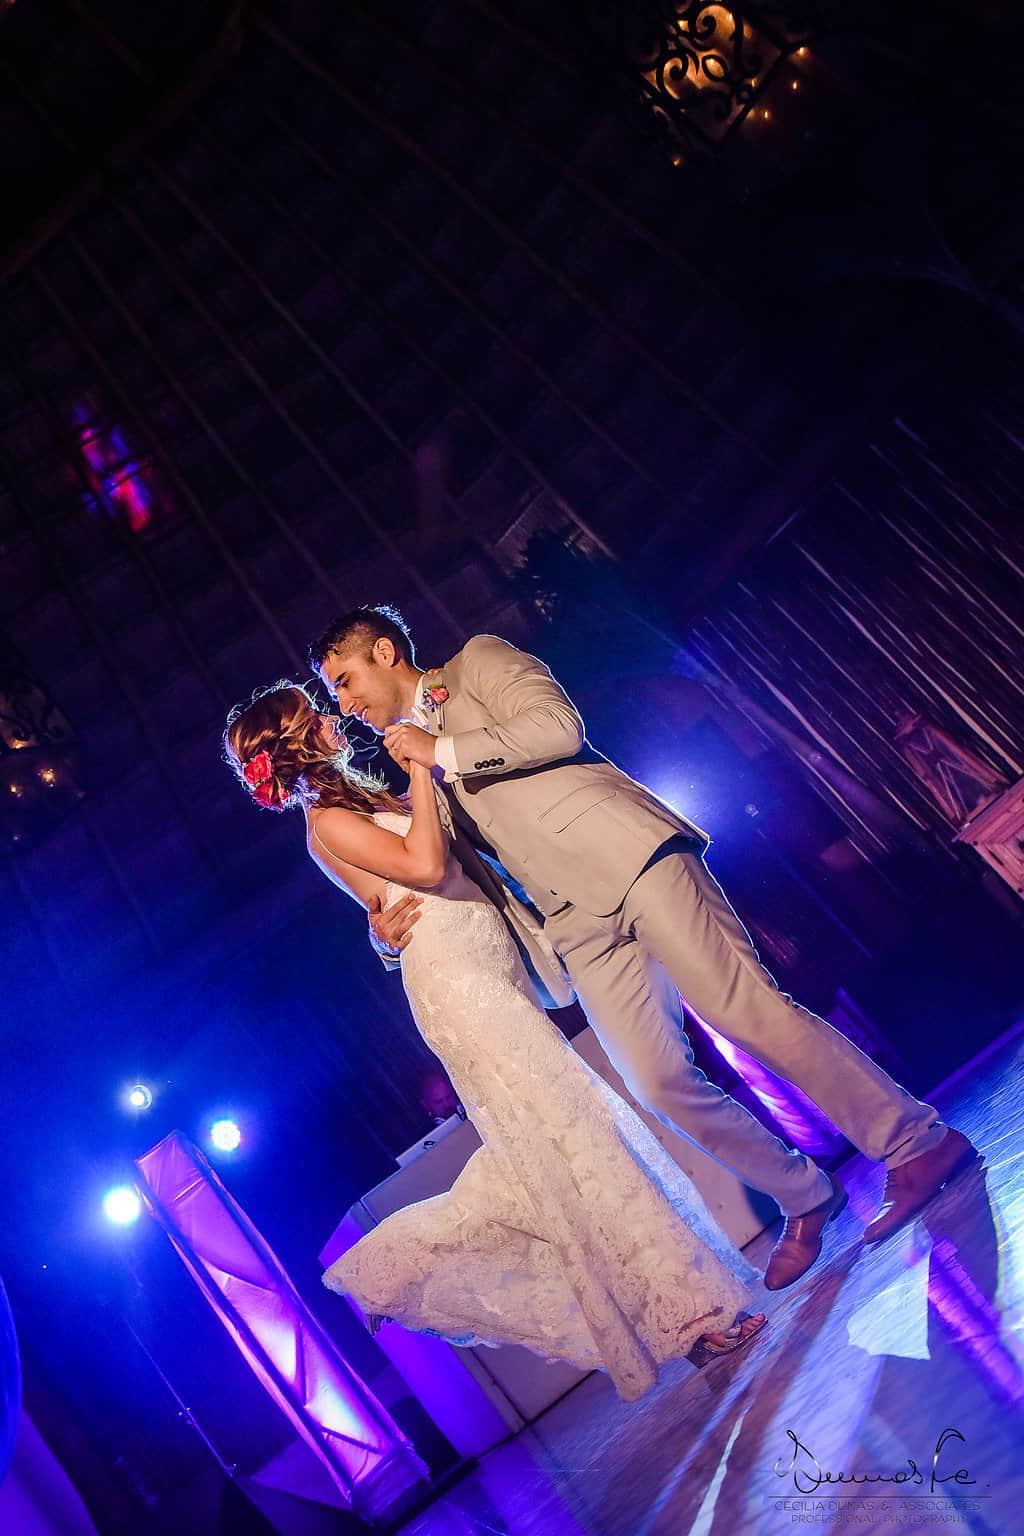 mahekalhotel-playadelcarmen-weddingphotography-lindseyalfredo136